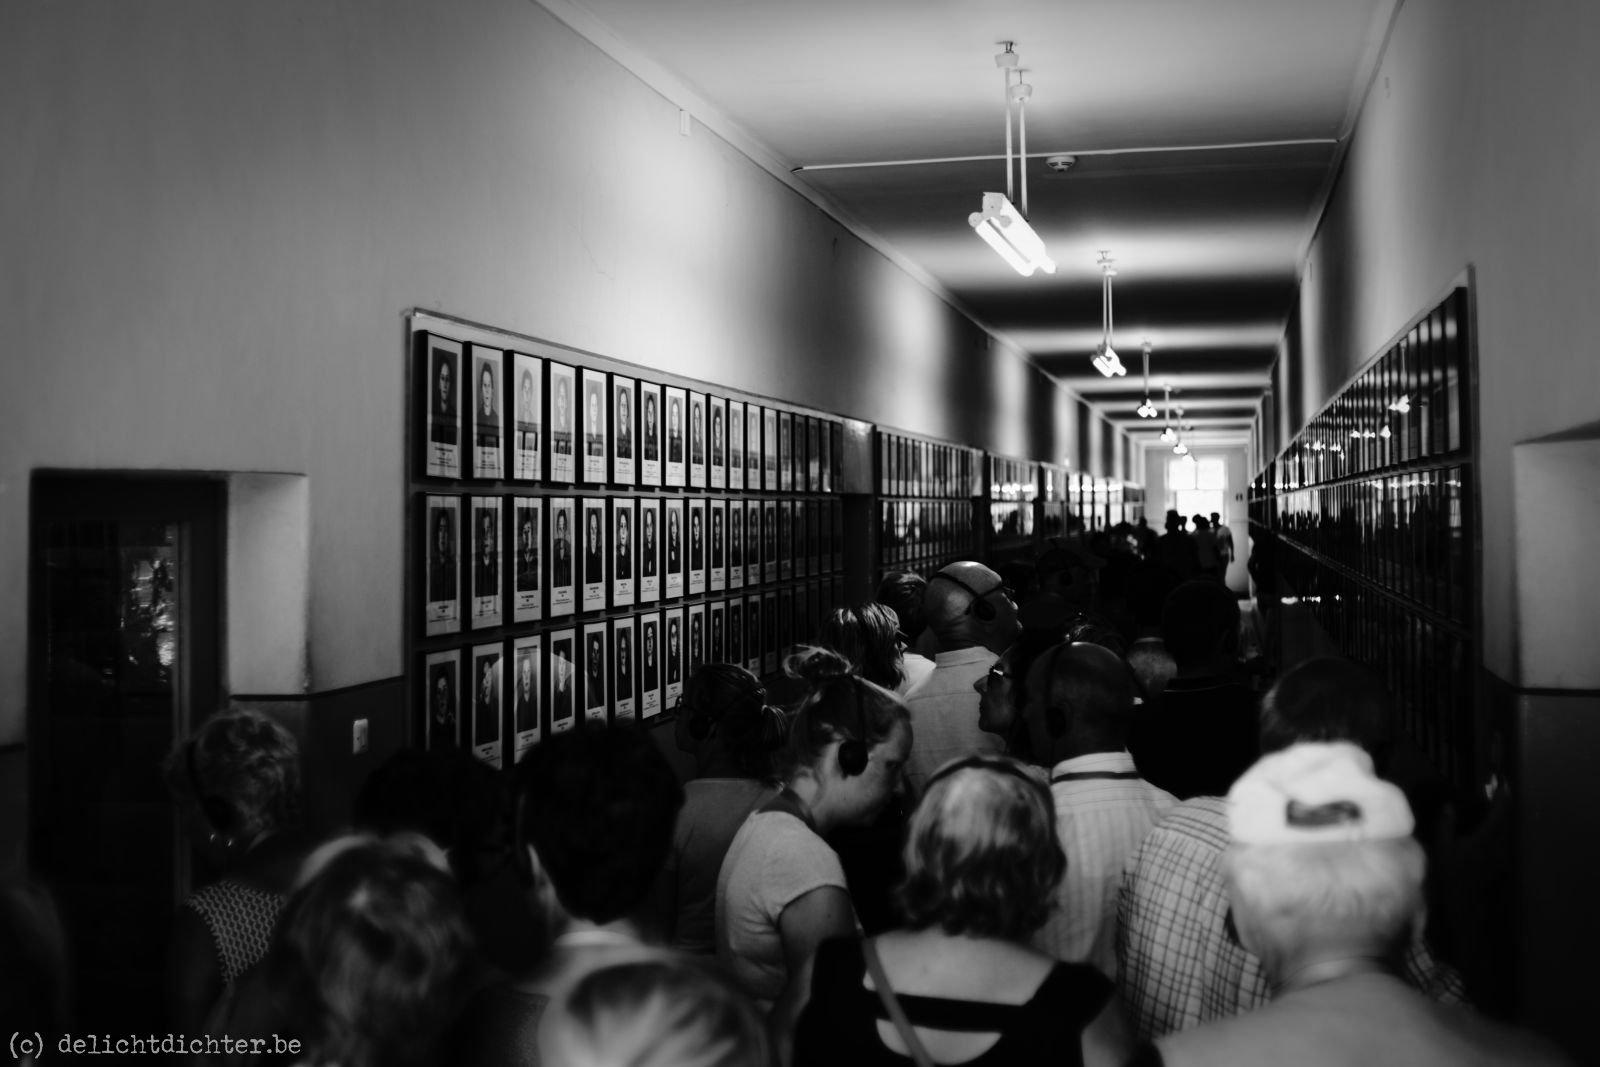 2018_06_Auschwitz_20180620_095054_DxO_PL1_1600px_2